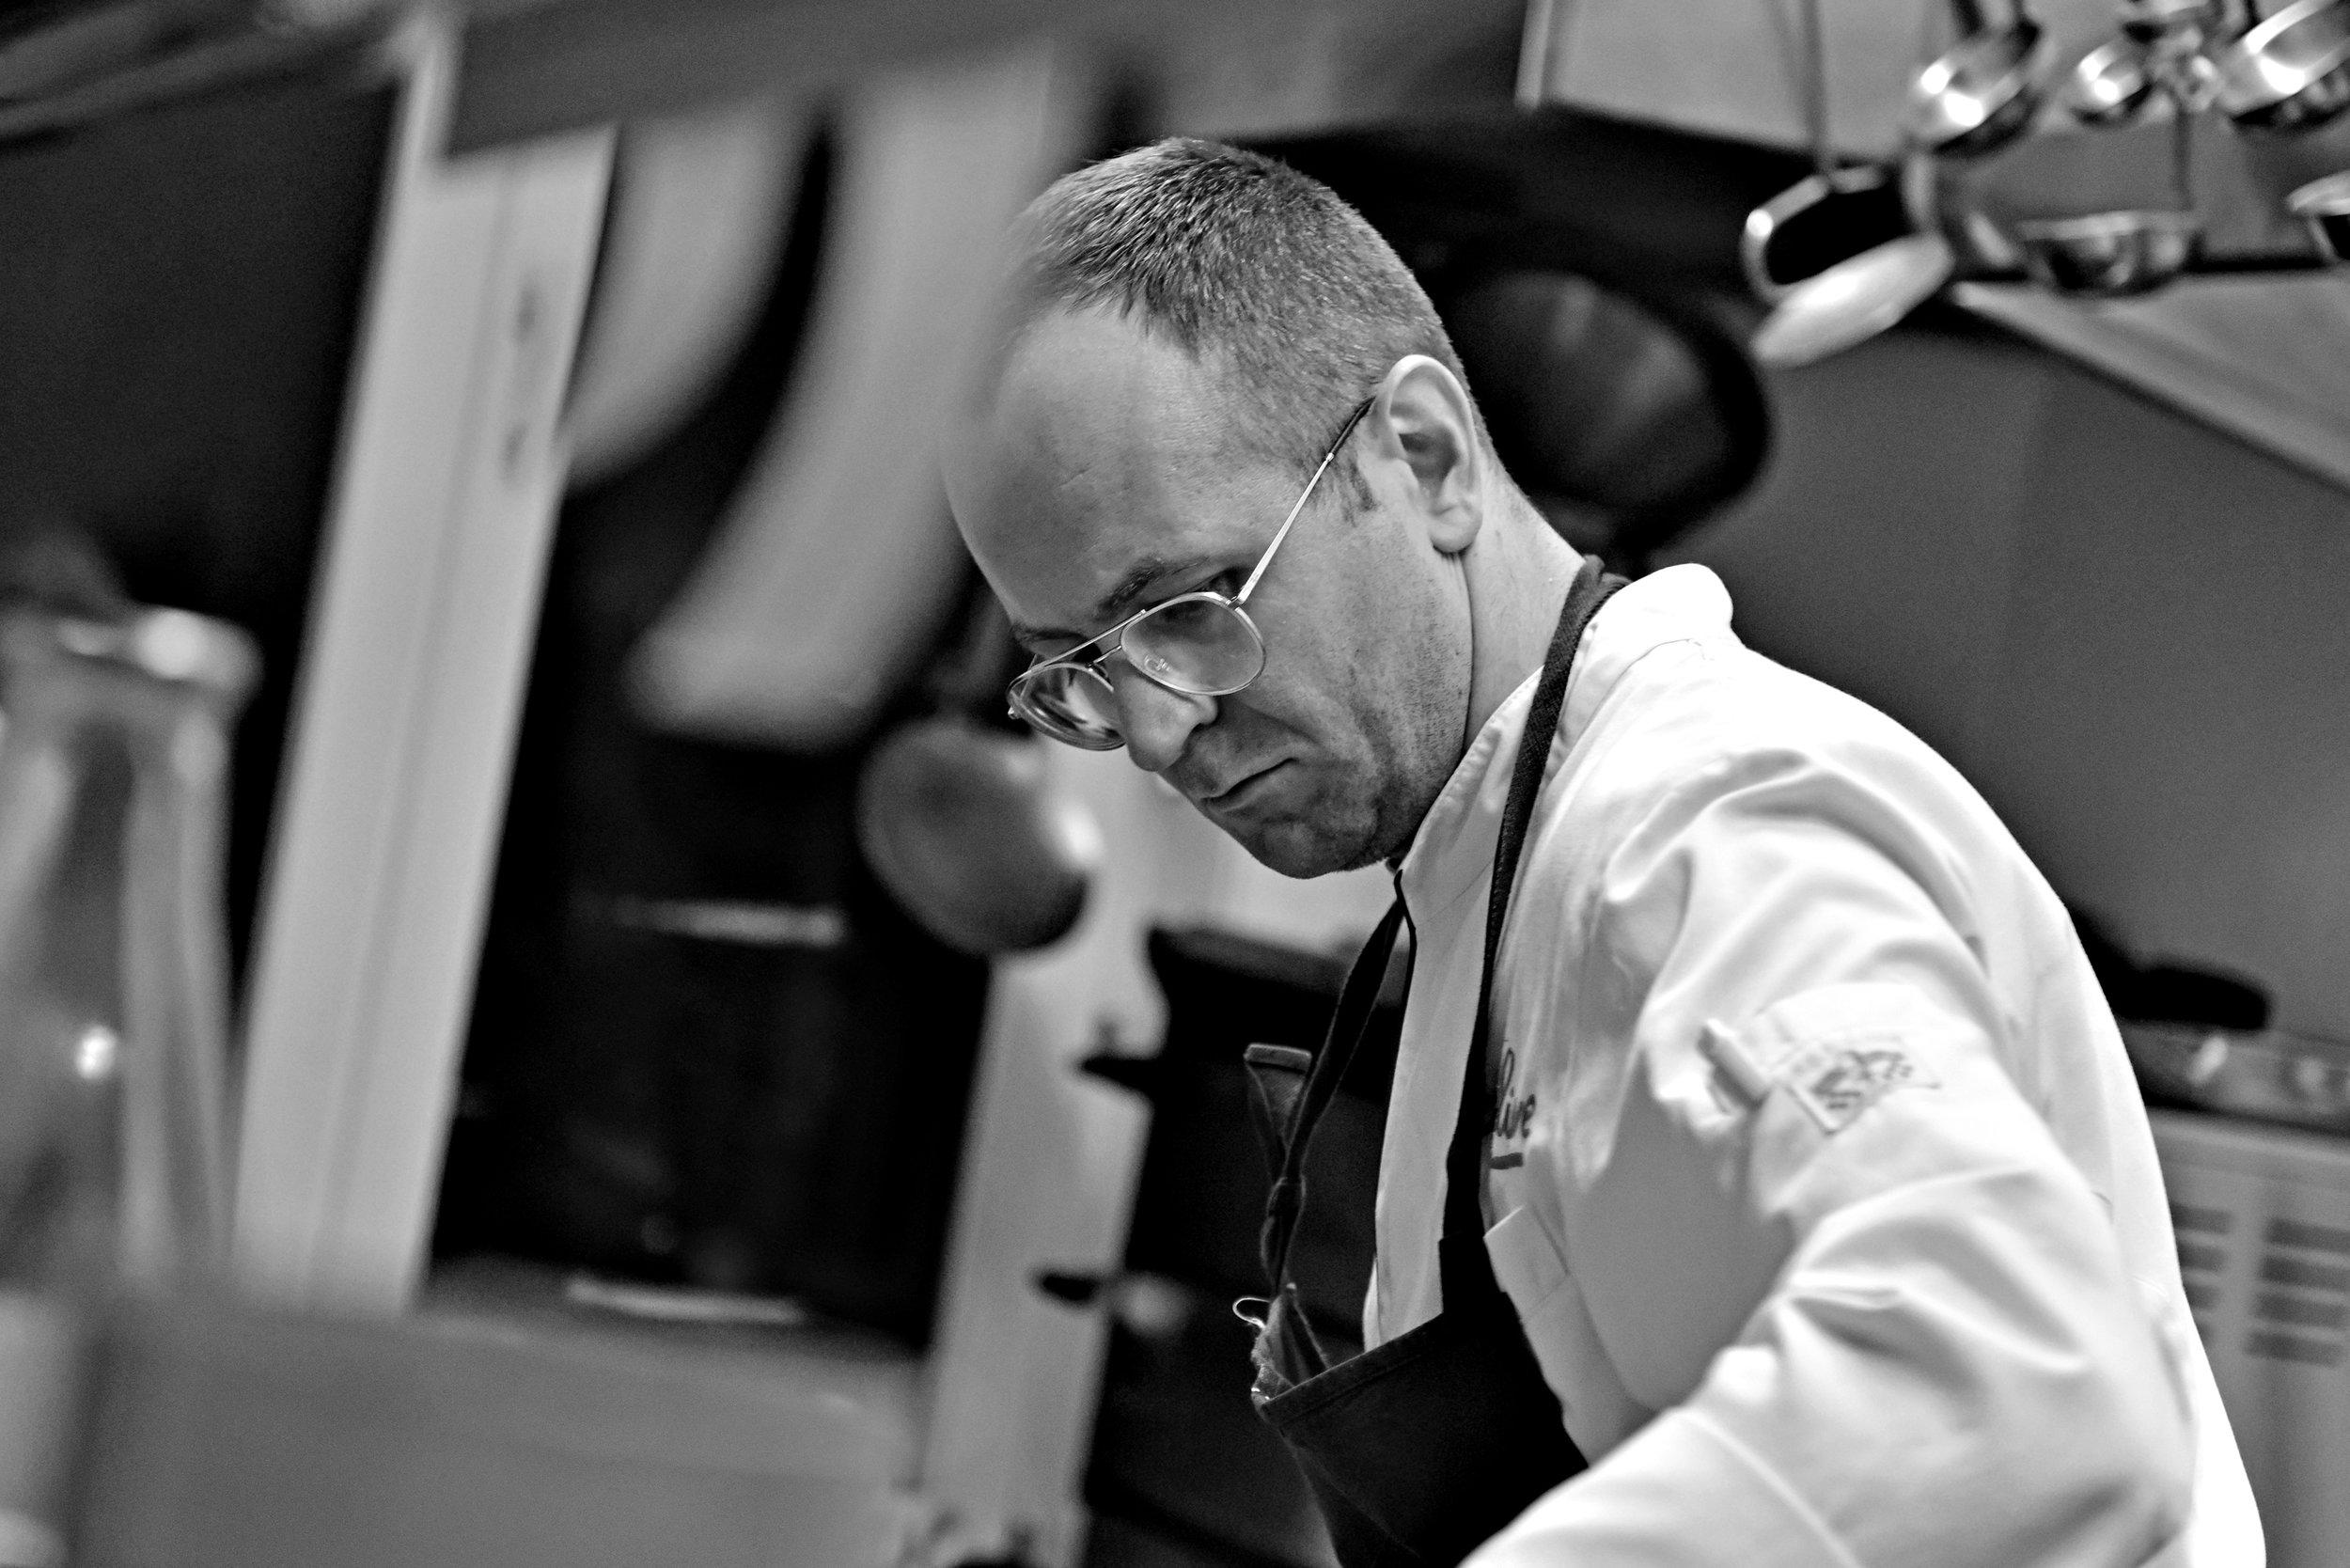 7 restaurant de lieve gent tablefever bart albrecht culinair fotograaf foodfotograafkopie.jpg